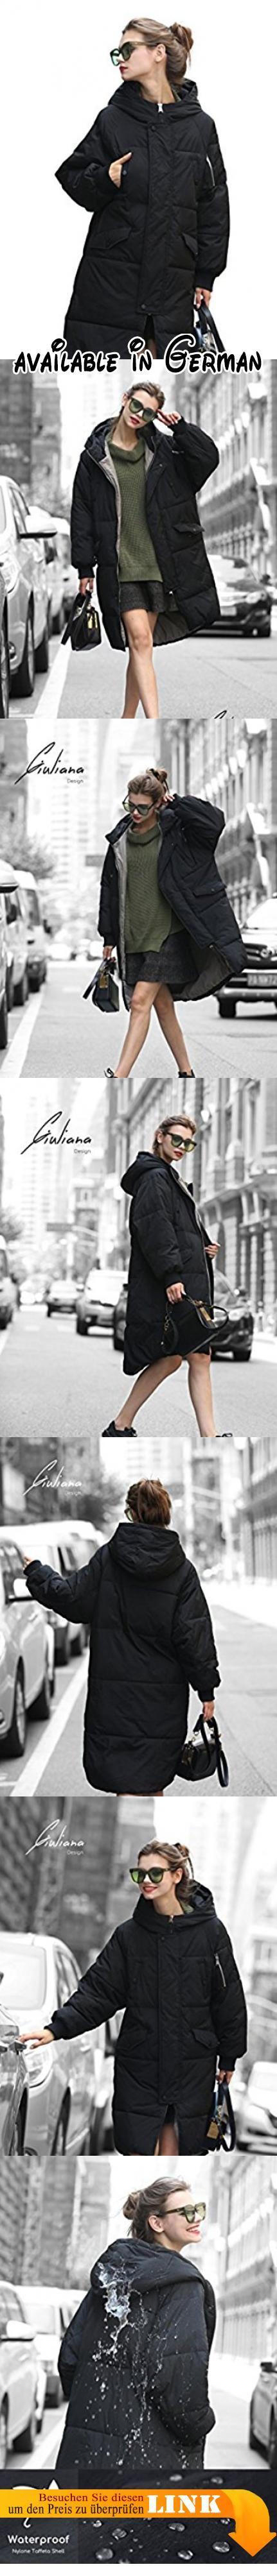 Jacke Damen Mantel Damen Steppmantel Damen Schwarz Lang Mantel Damen Wintermantel Damenwintermantel Damenmatel Steppjacke Damenjacke Daunenparka Ubergang Gesteppter Damen WasserdichtWindbrecher M. 🍁 [ Neuer Windschutz & Fleckenschutz] - Diser Mantel ist aus importiertem Polyester-Taft-Stoff aus Korea gefertigt und ist im Vergleich zu anderen traditionellen Daunenjacken etwas steifer. Gleichzeitig ist es haltbarer hat diese schmutzabweisenden- und Windschutzzeichen,